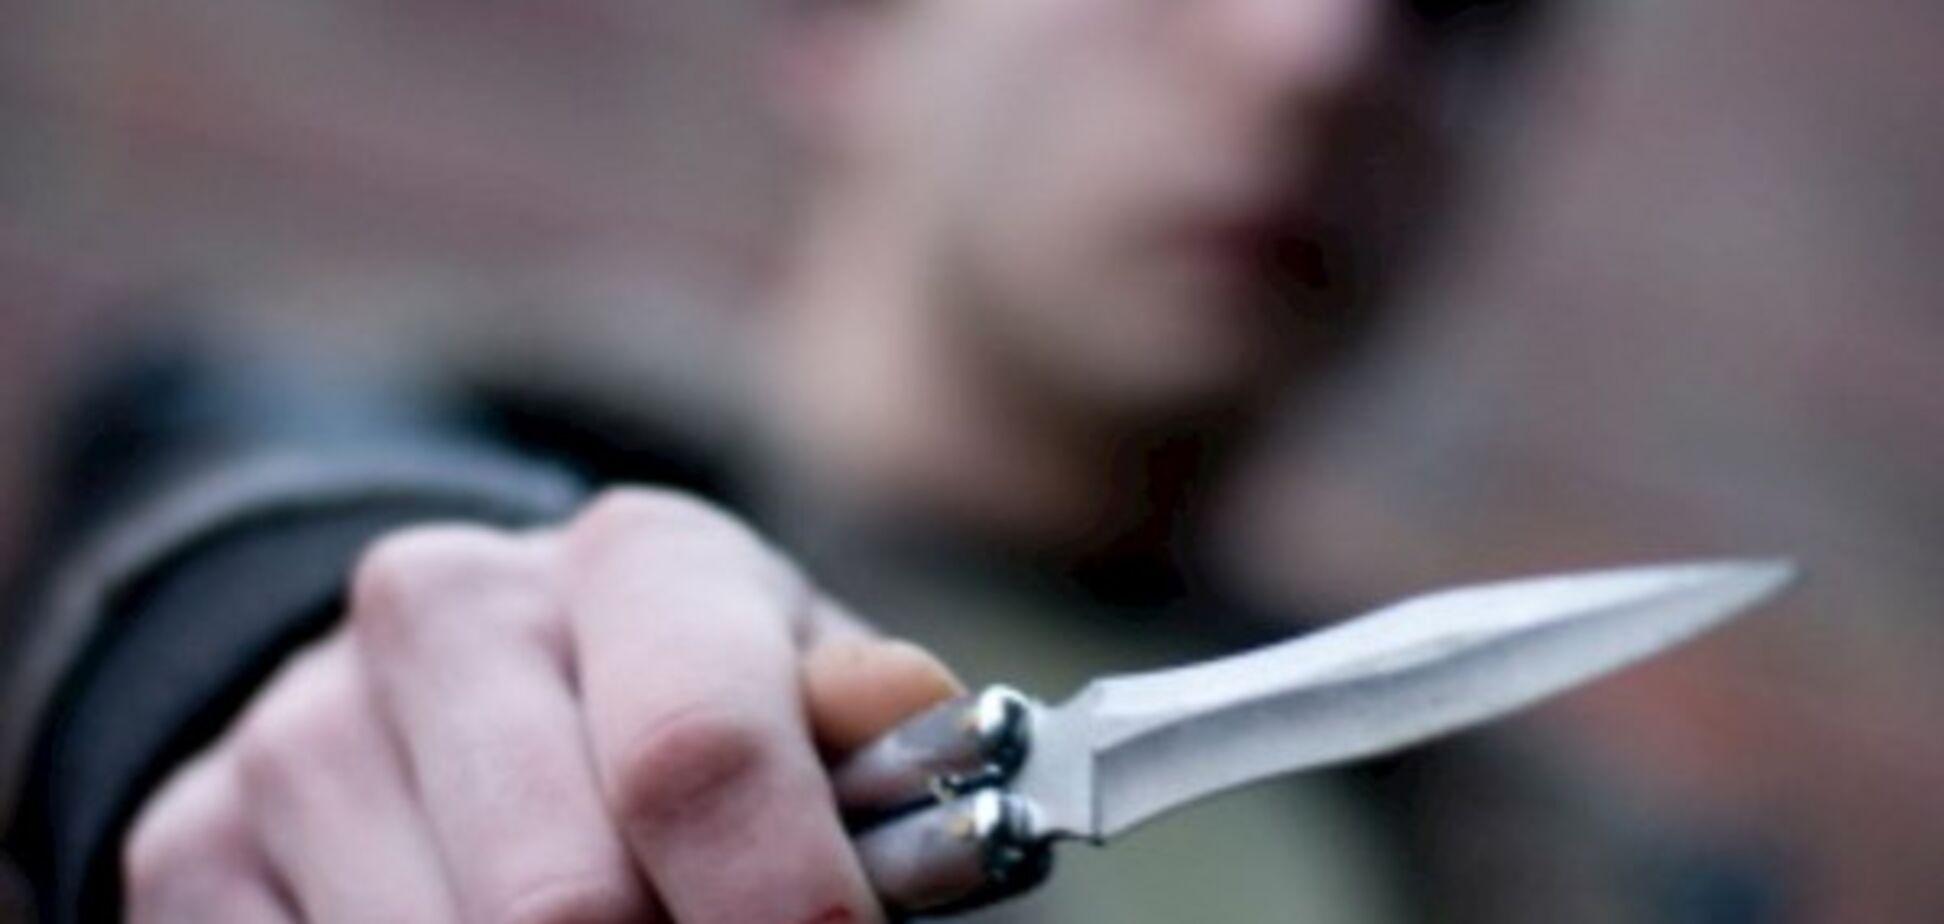 Били ножом в грудь: в Киеве произошли зверские разборки